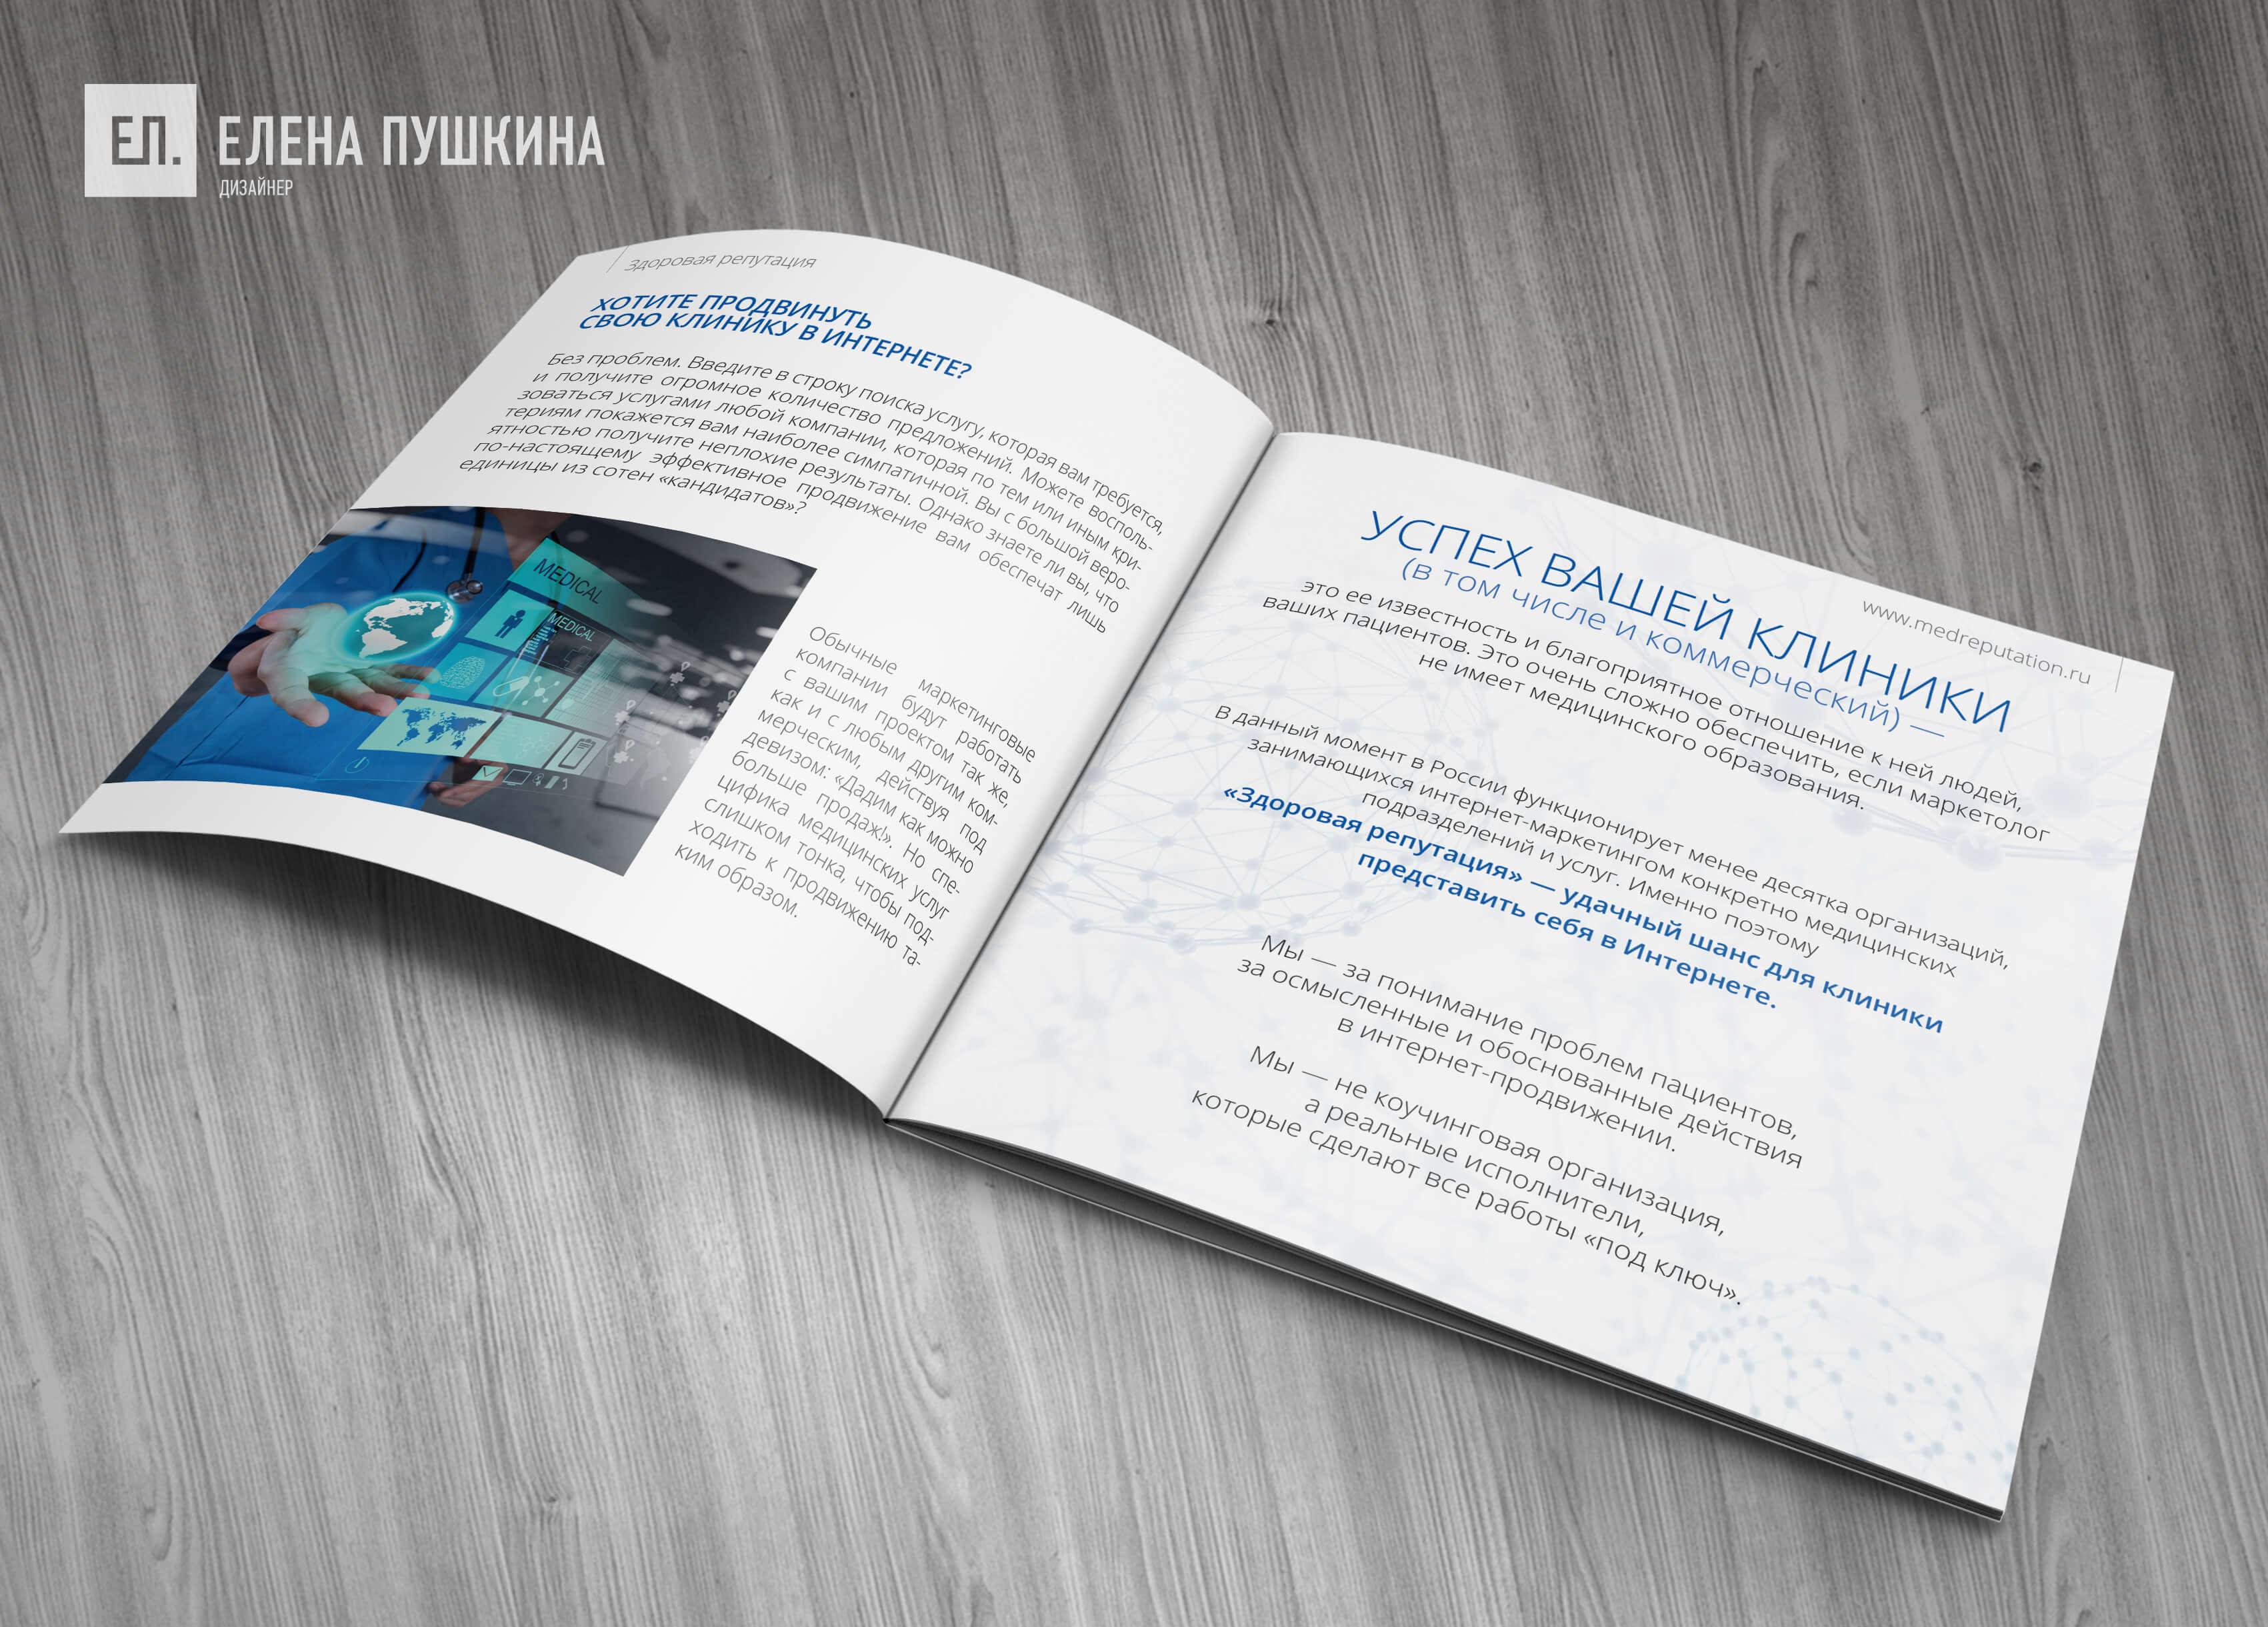 Рекламный буклет компании «Здоровая репутация» — разработка дизайна с «нуля» и вёрстка буклета Дизайн брошюр, буклетов Портфолио